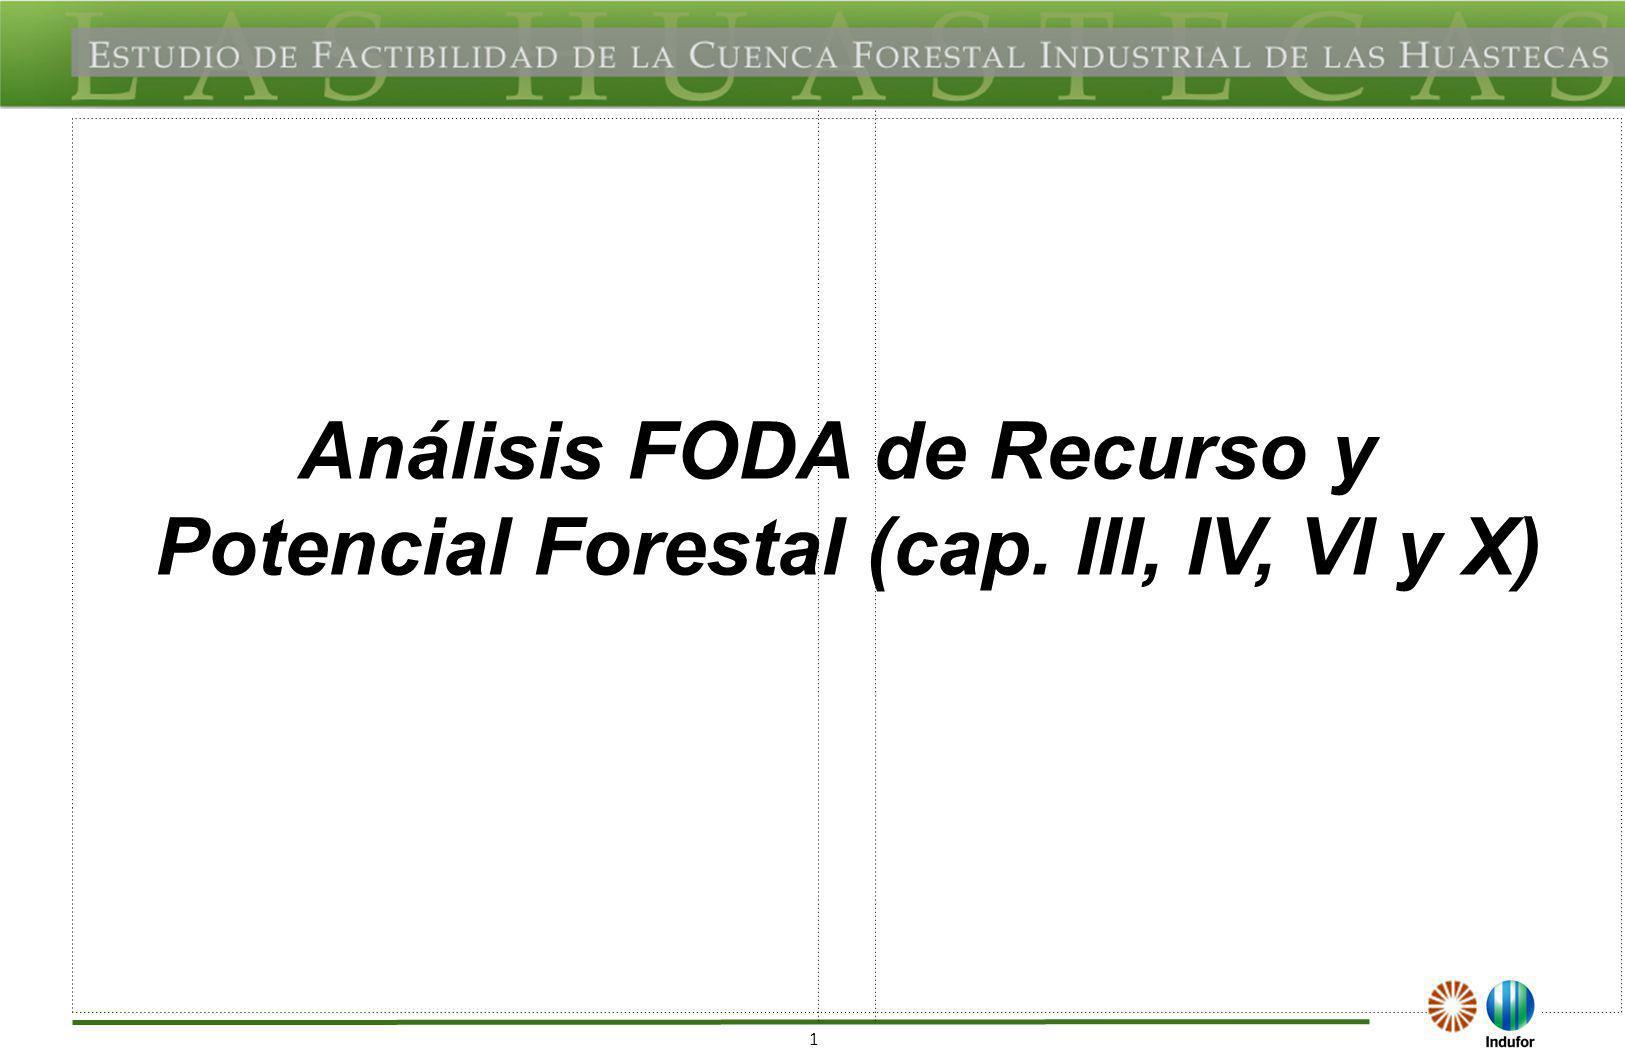 52 Análisis FODA de los aspectos de Ambientales y Socioeconomicos (cap. I y II)